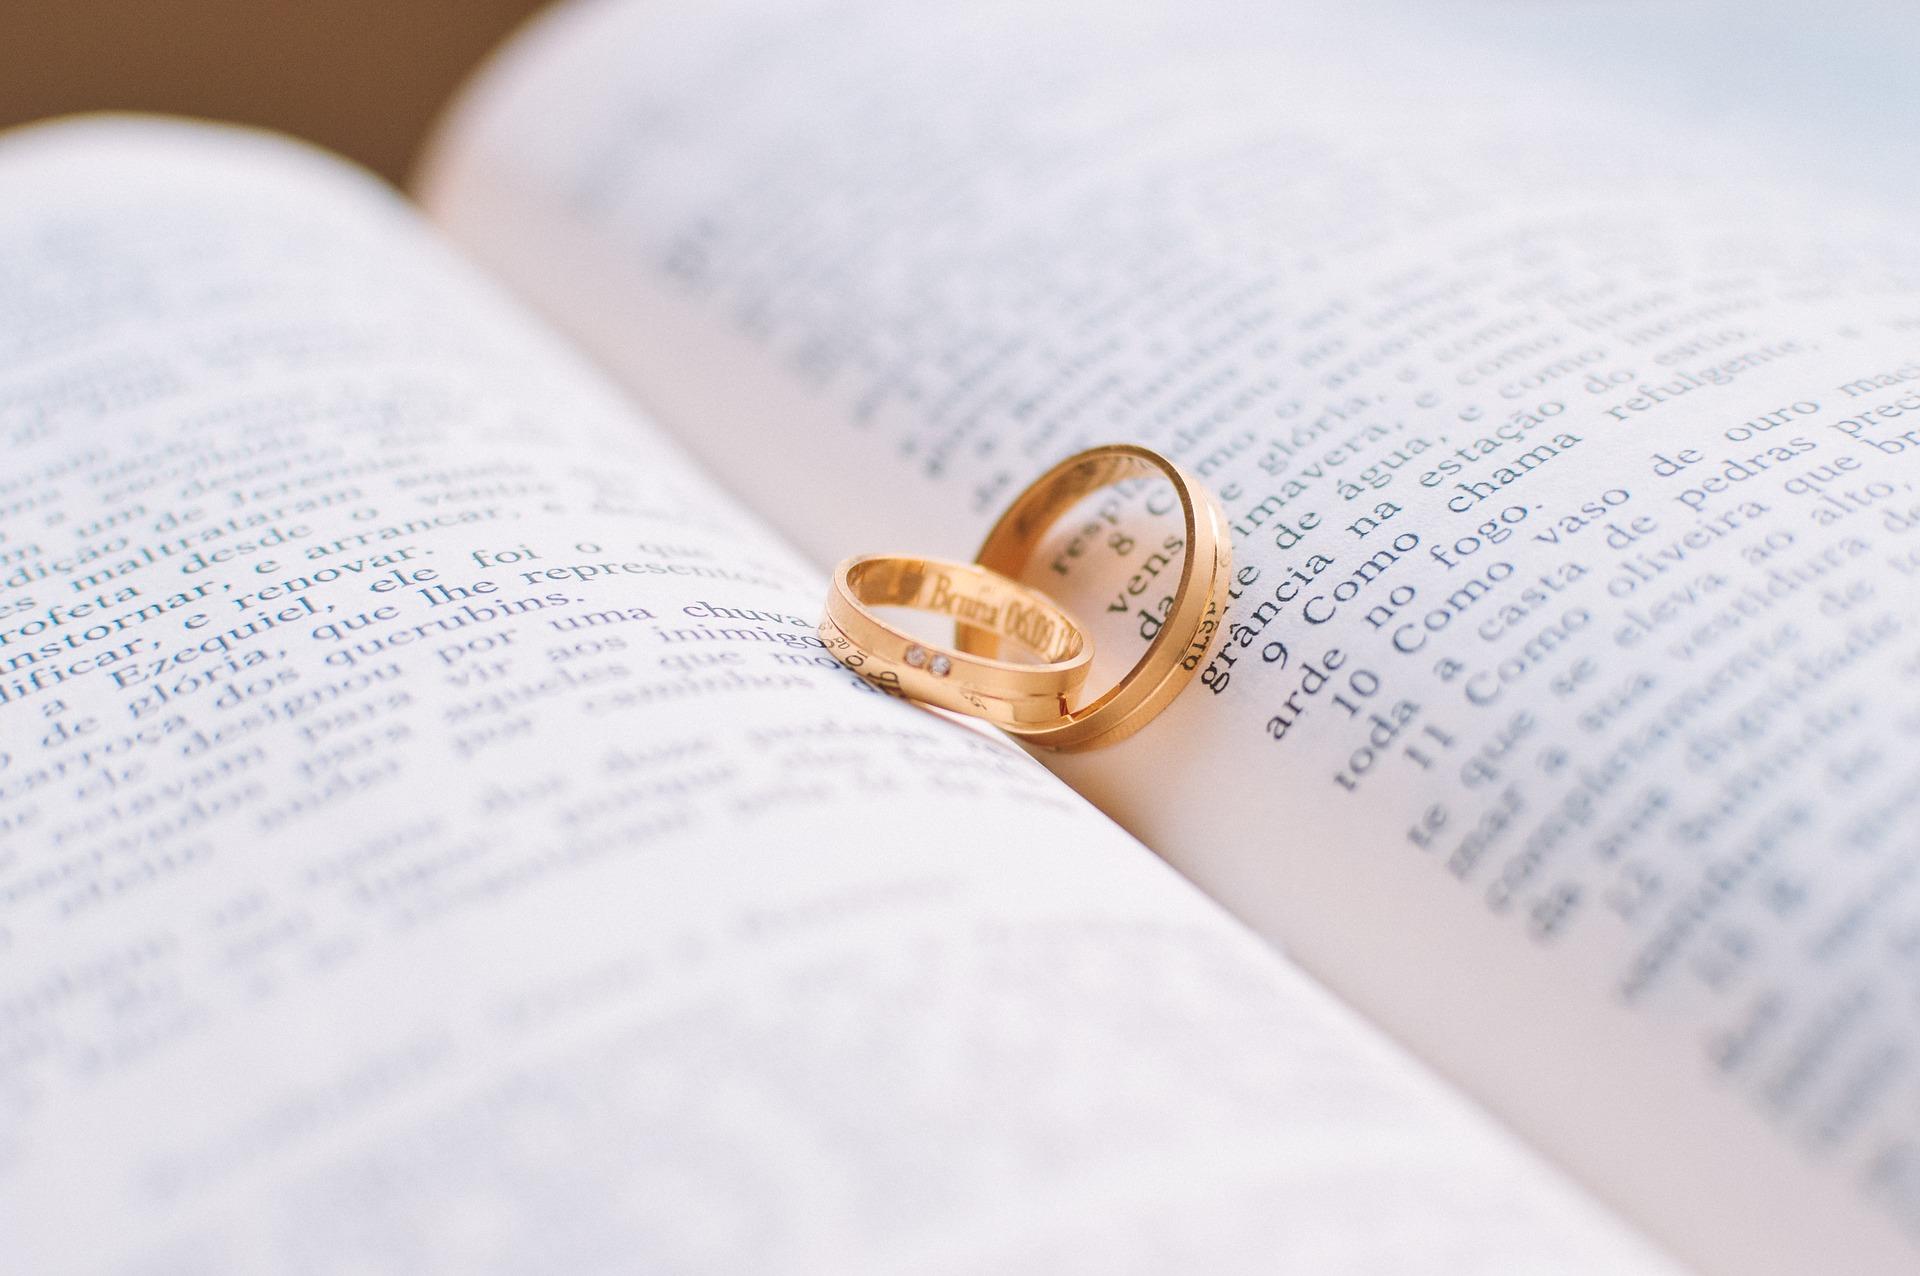 Scrittura privata in sede di separazione e divorzio